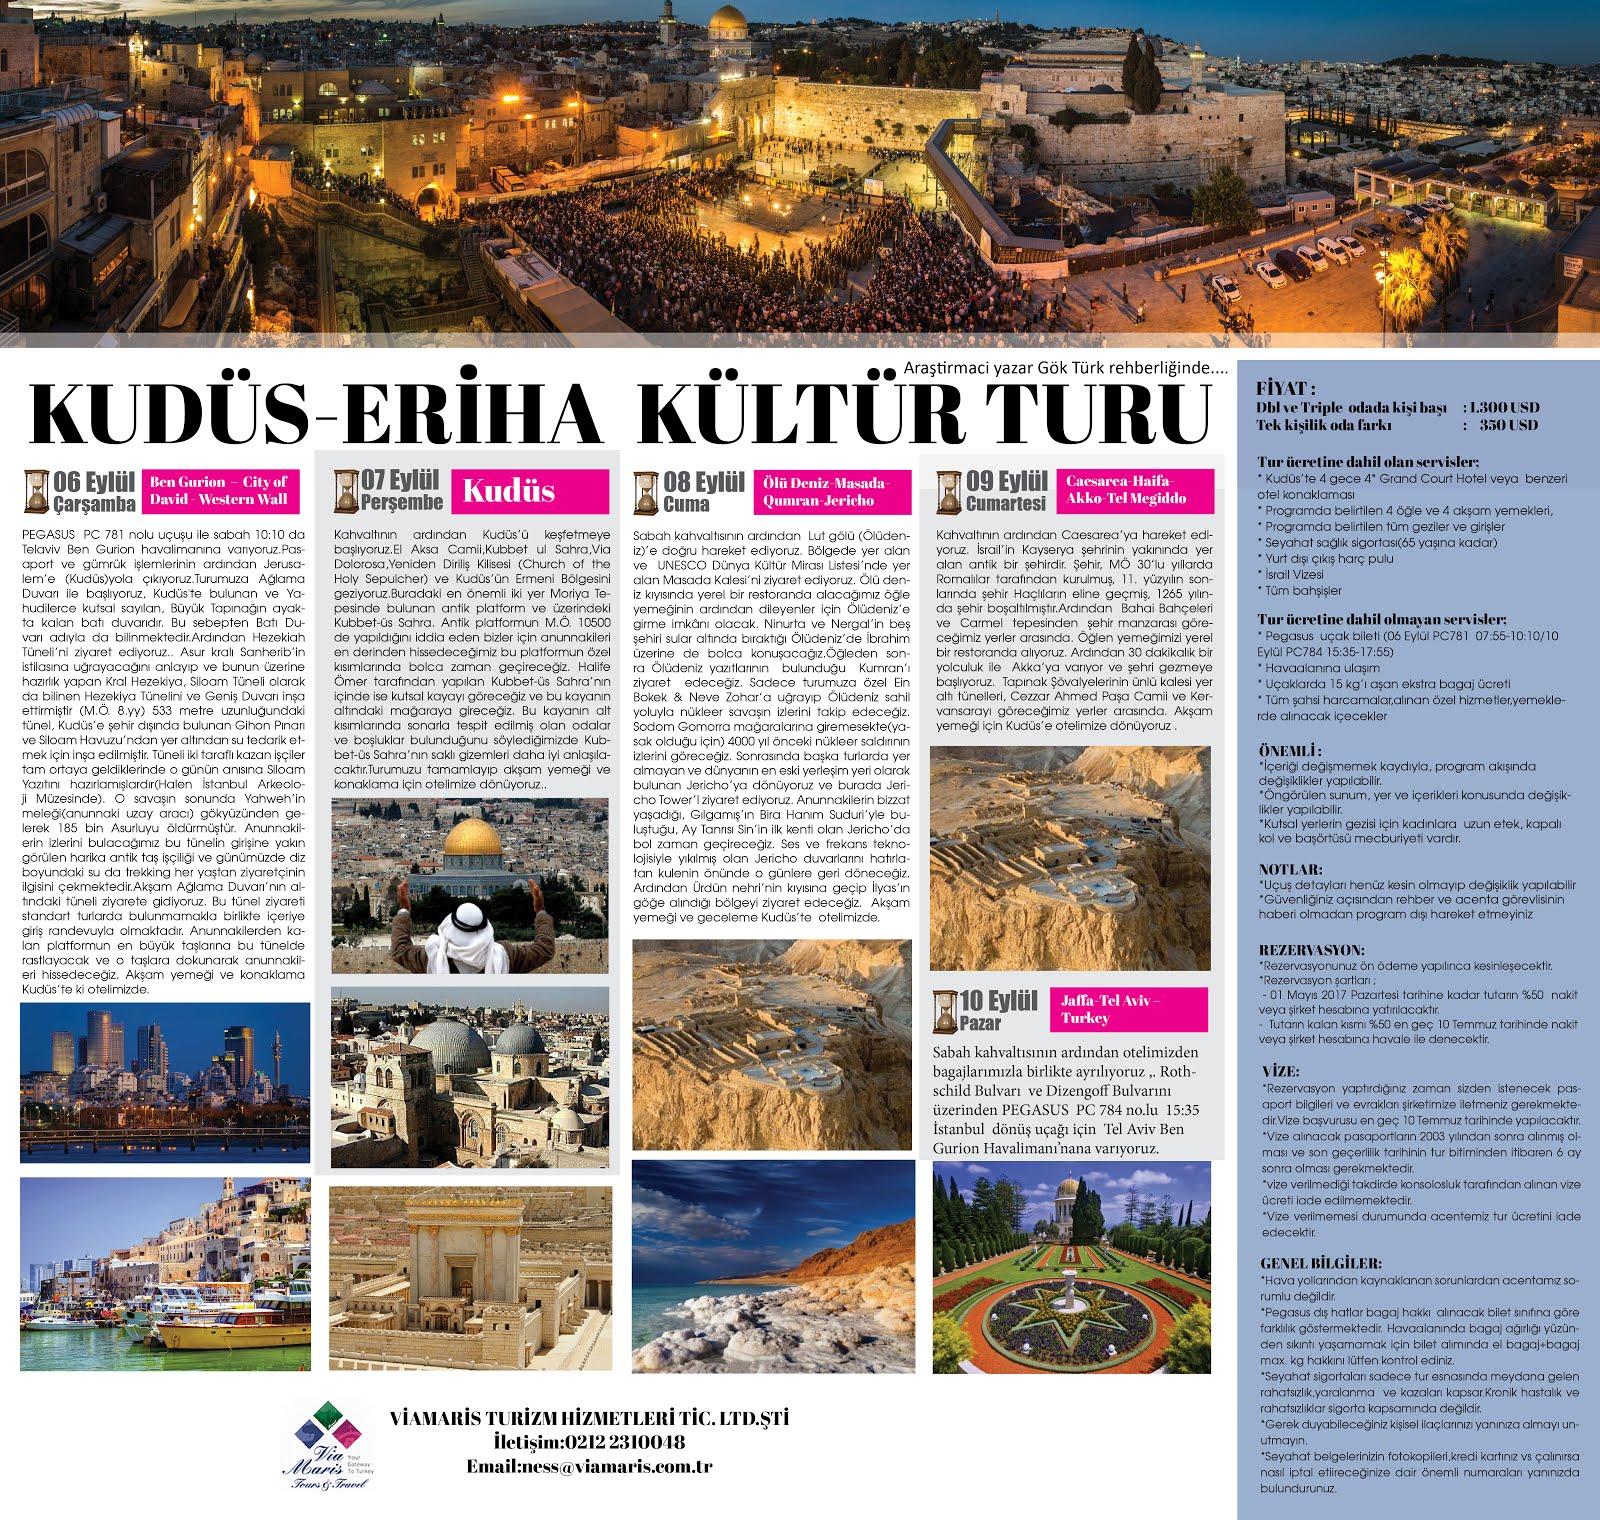 6-10 Eylül Kudüs - Eriha Turu